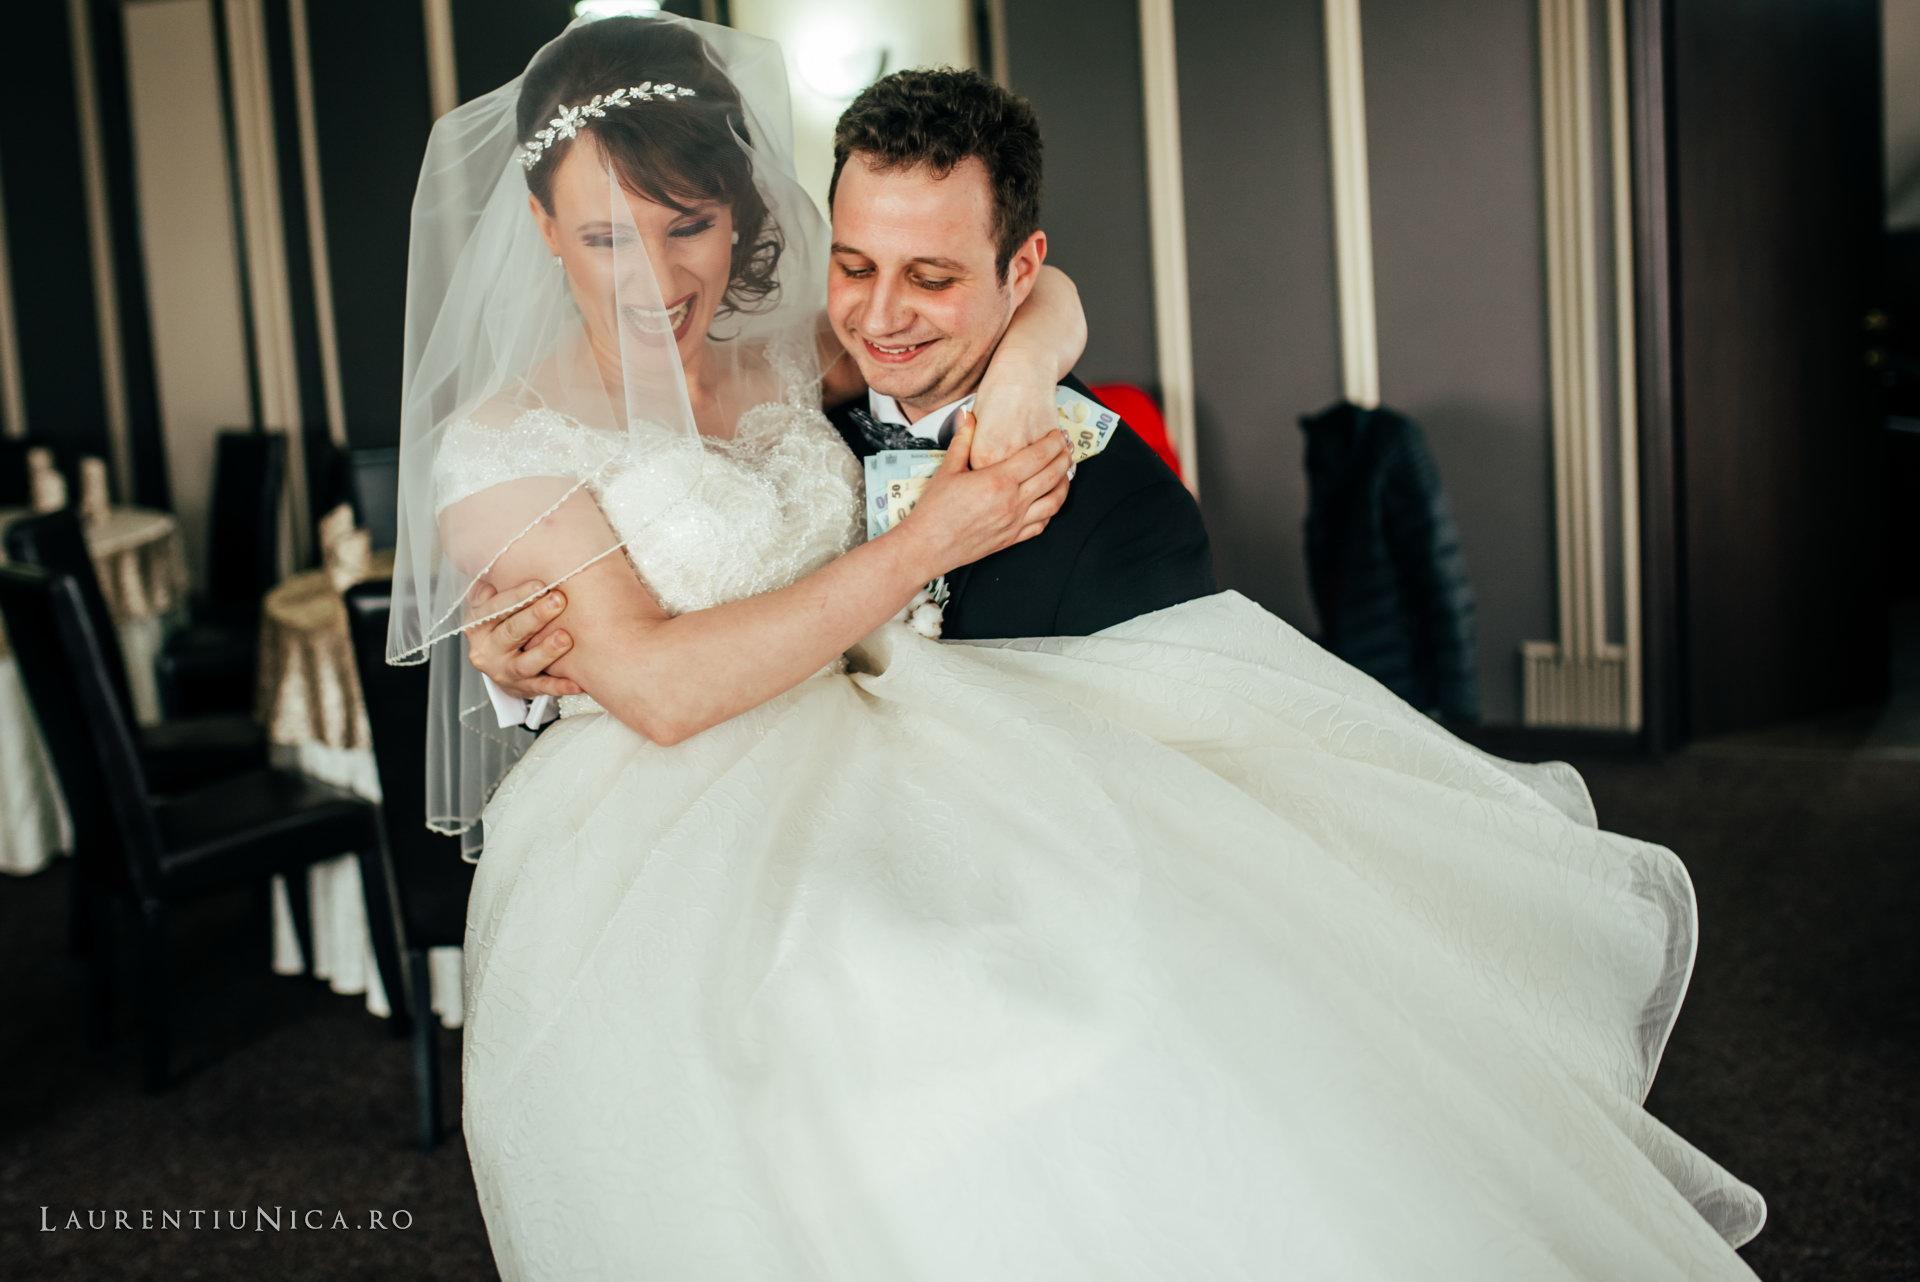 daniela si marius fotografii nunta craiova laurentiu nica18 - Daniela & Marius | Fotografii nunta